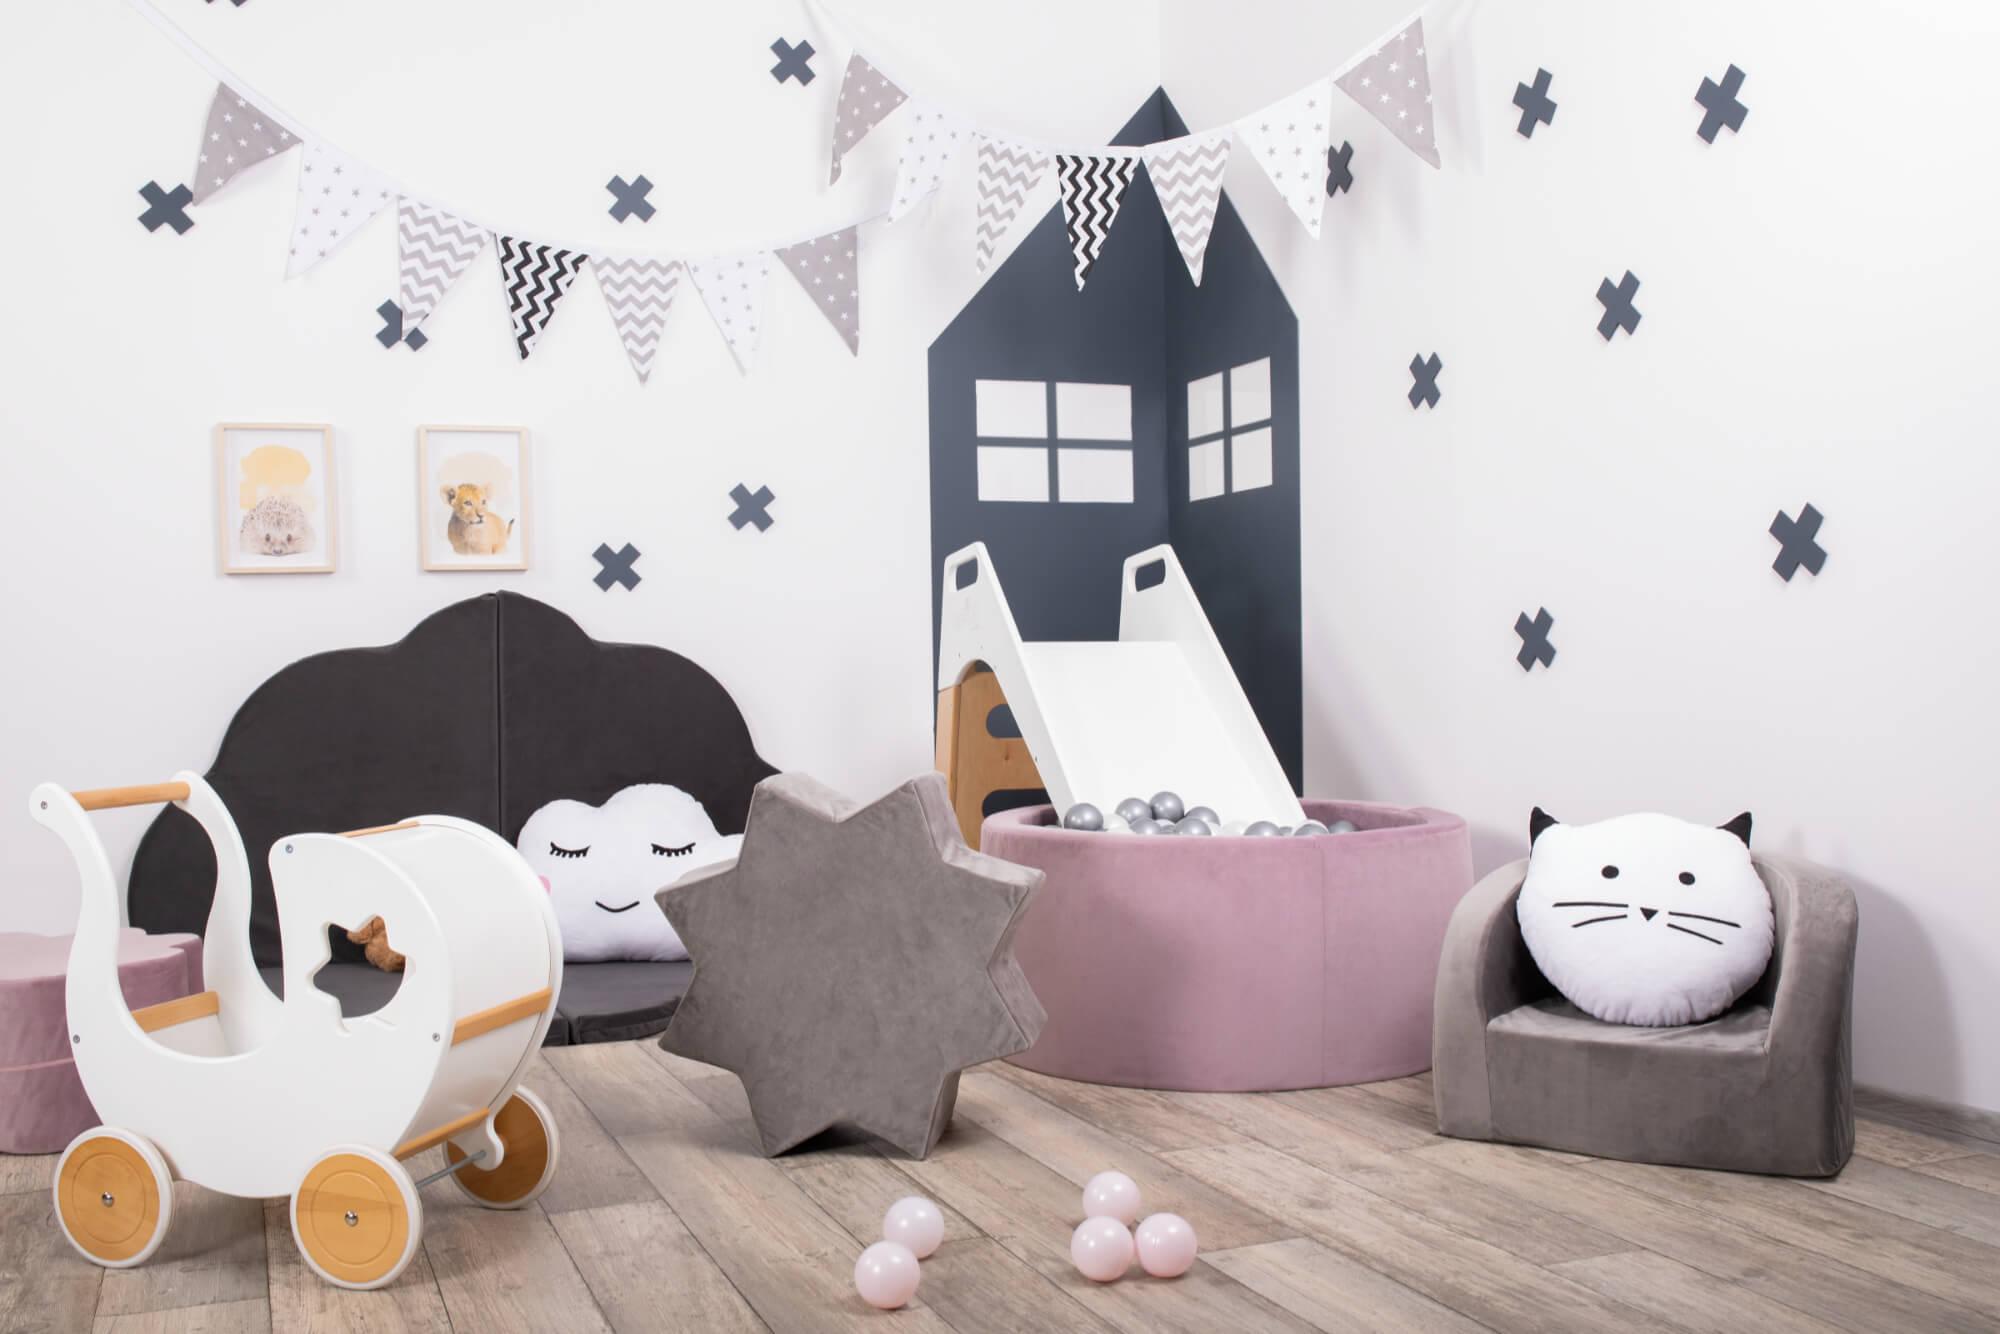 Jak udekorować pokój na urodziny dziecka?